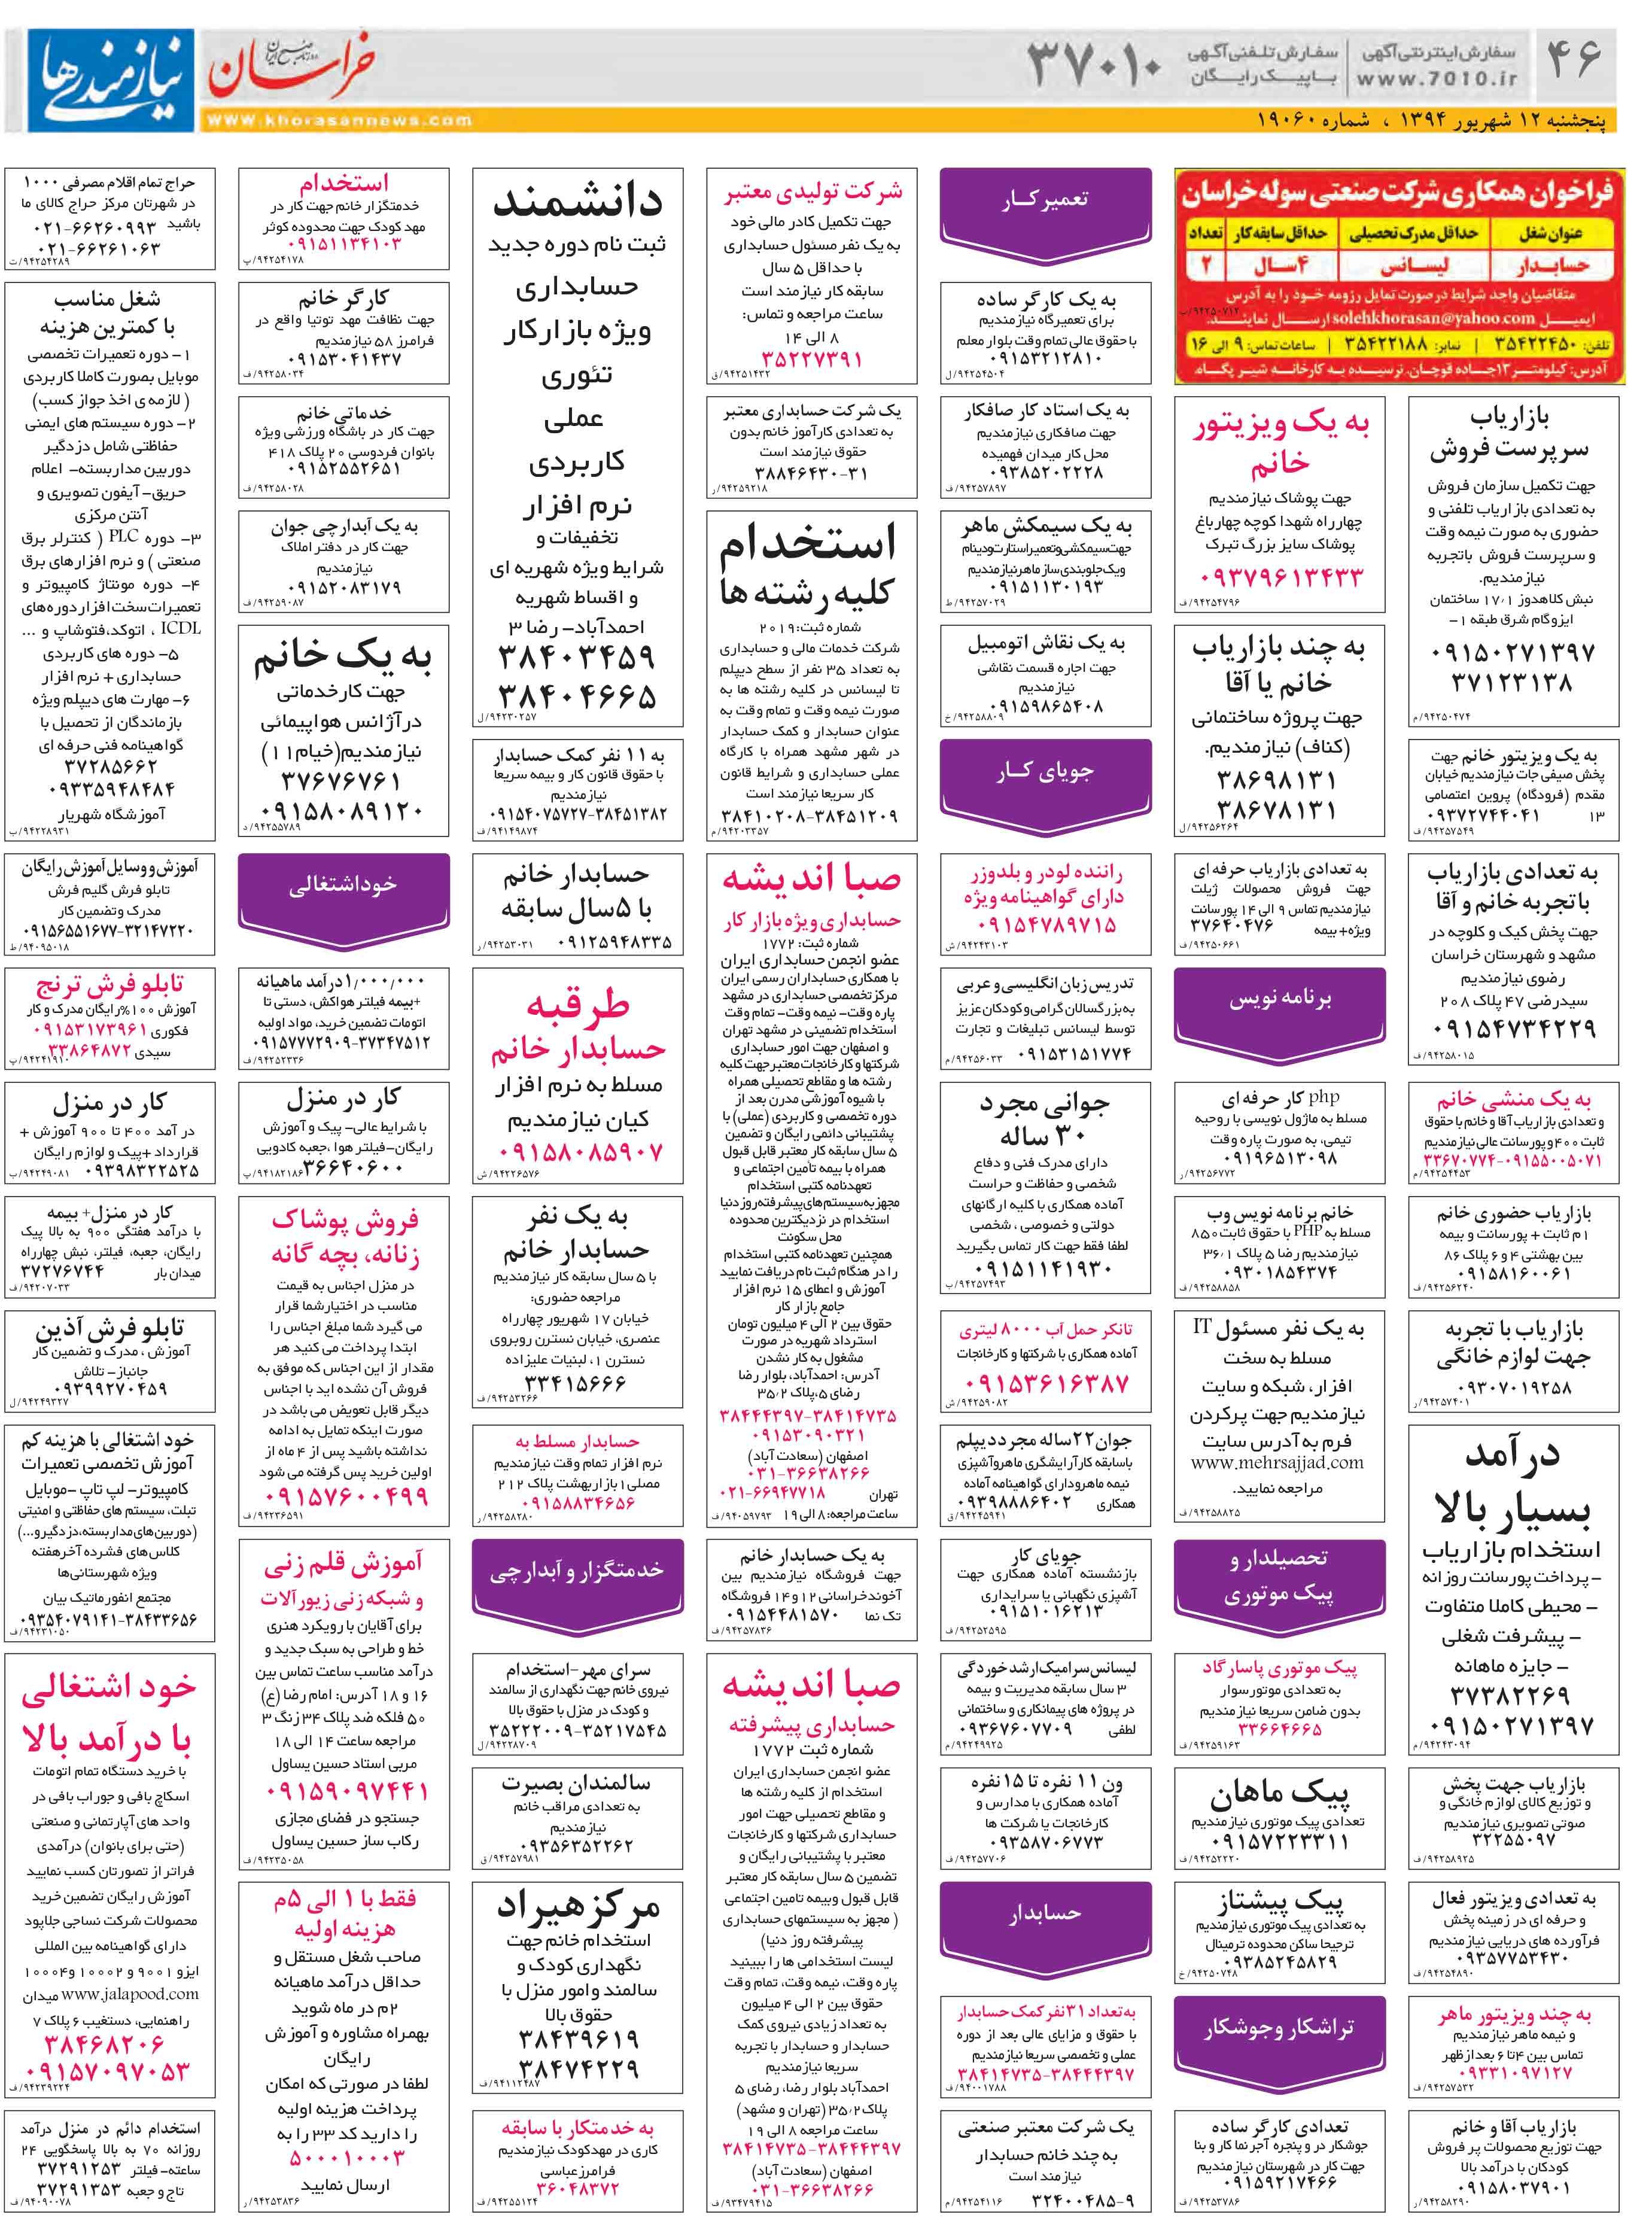 دانلود روزنامه نیازمندی های مشهد